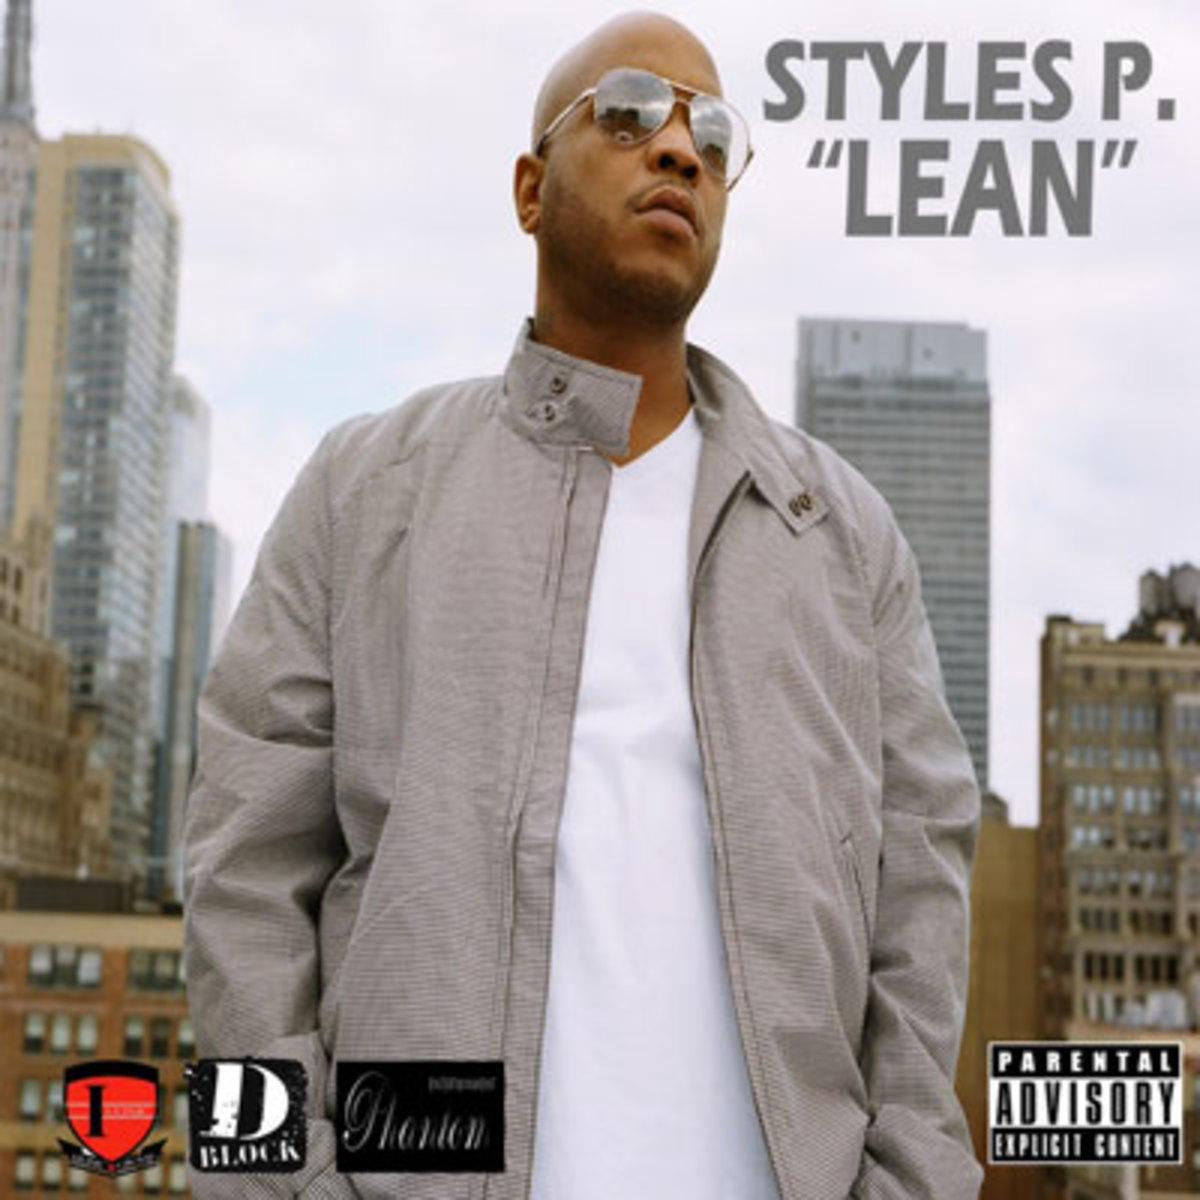 stylesp-lean.jpg